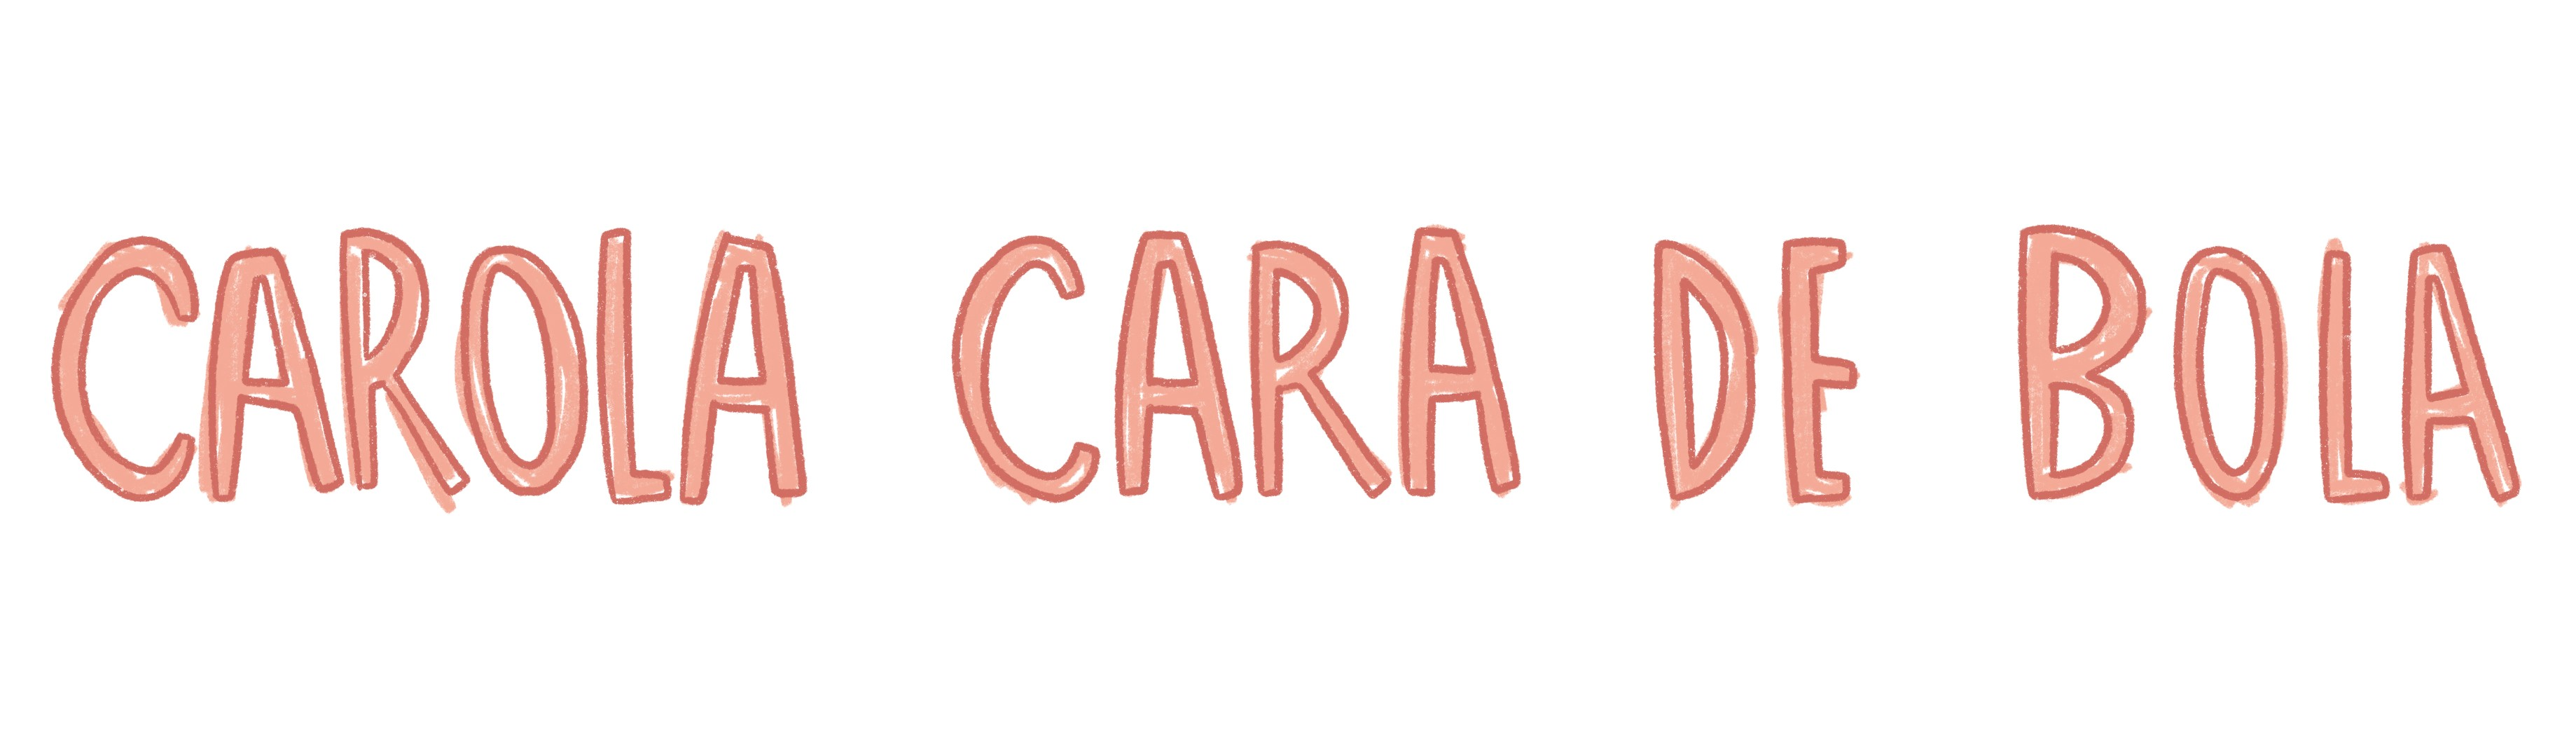 Carola_Cara_De_Bola (1)peq